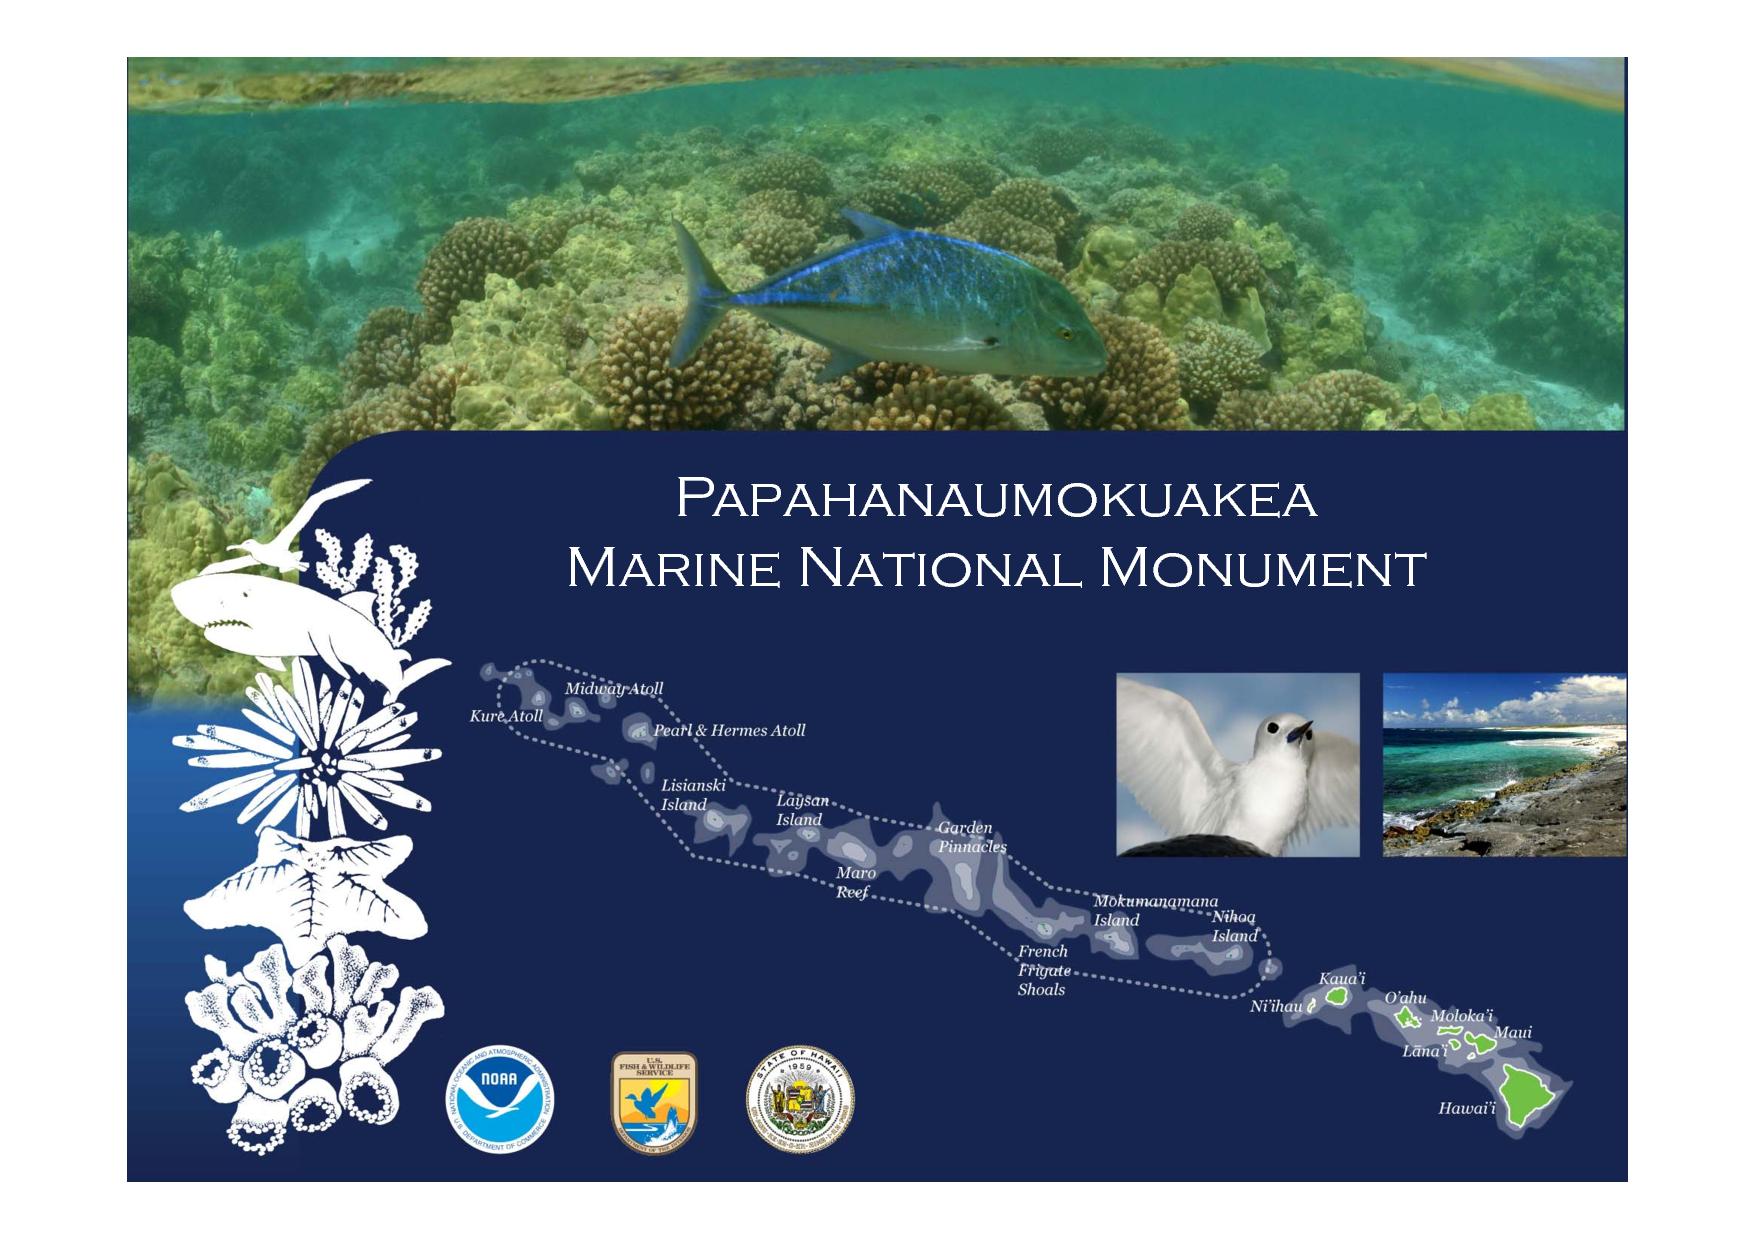 Papahānaumokuākea Marine National Monument: uno dei parchi che sta per essere ridotto dall'amministrazione Trump alla ricerca del Petrolio